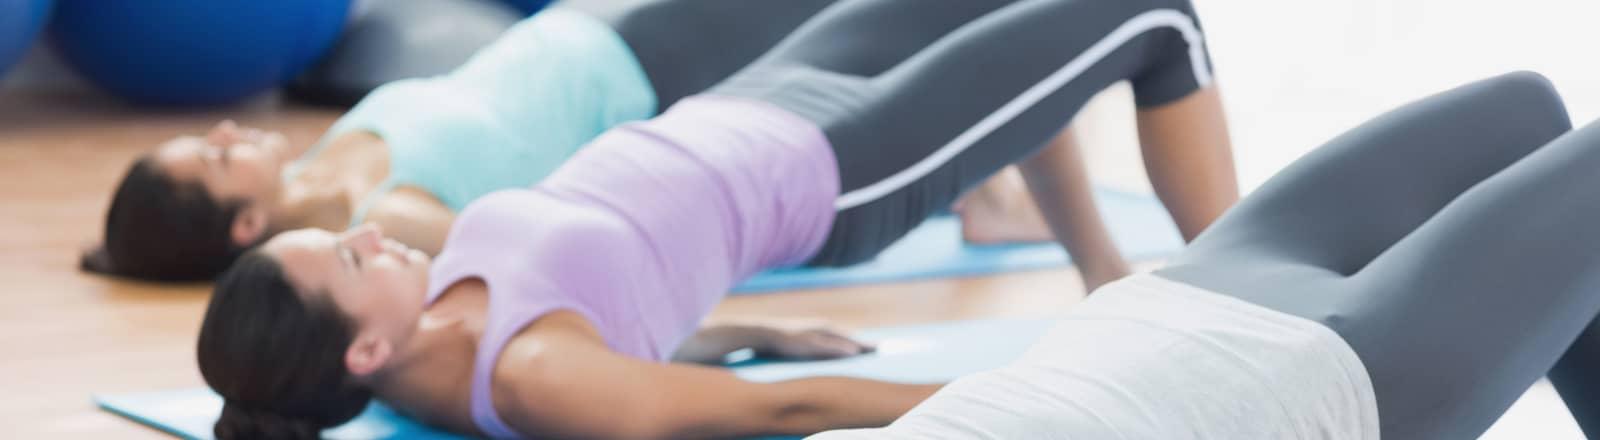 yoga terapeutico bilbao